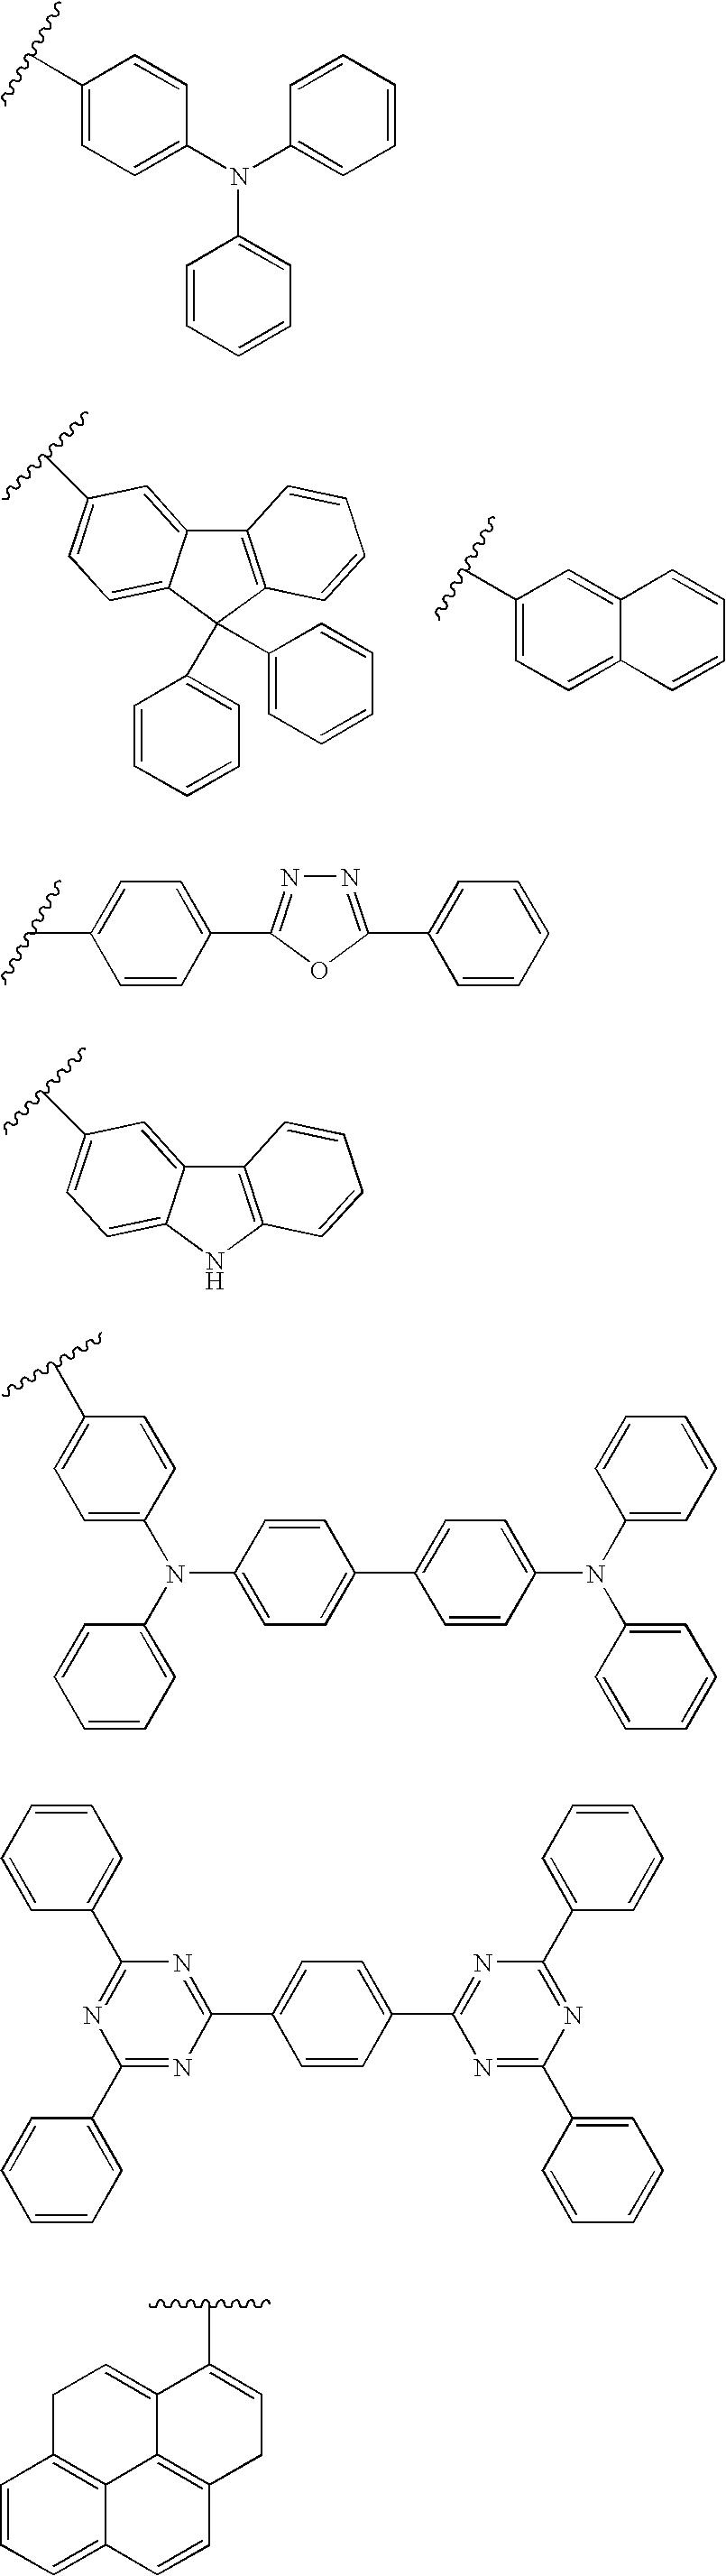 Figure US08849087-20140930-C00008